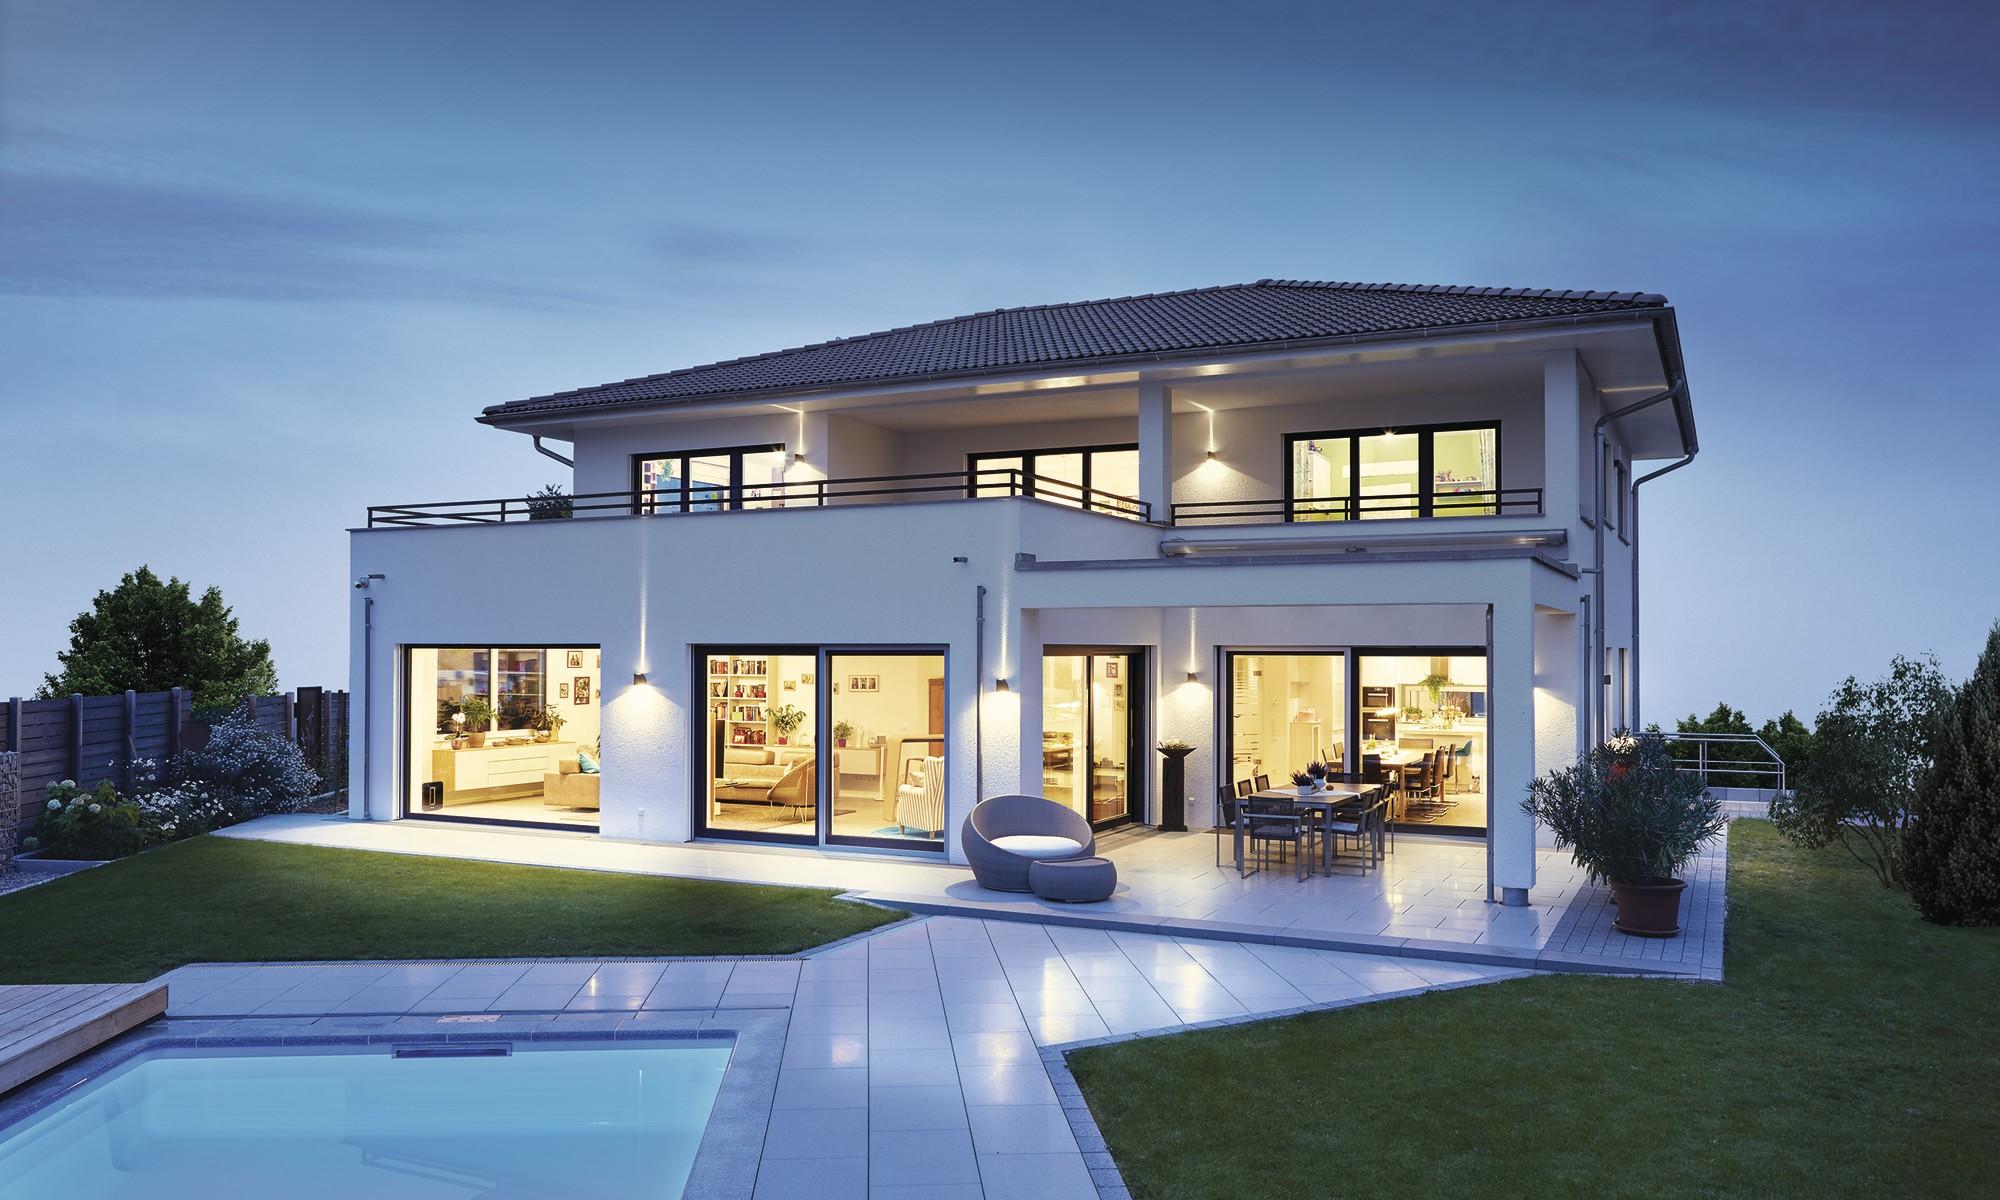 WeberHaus - Modernes Traumhaus mit Pool und Sauna